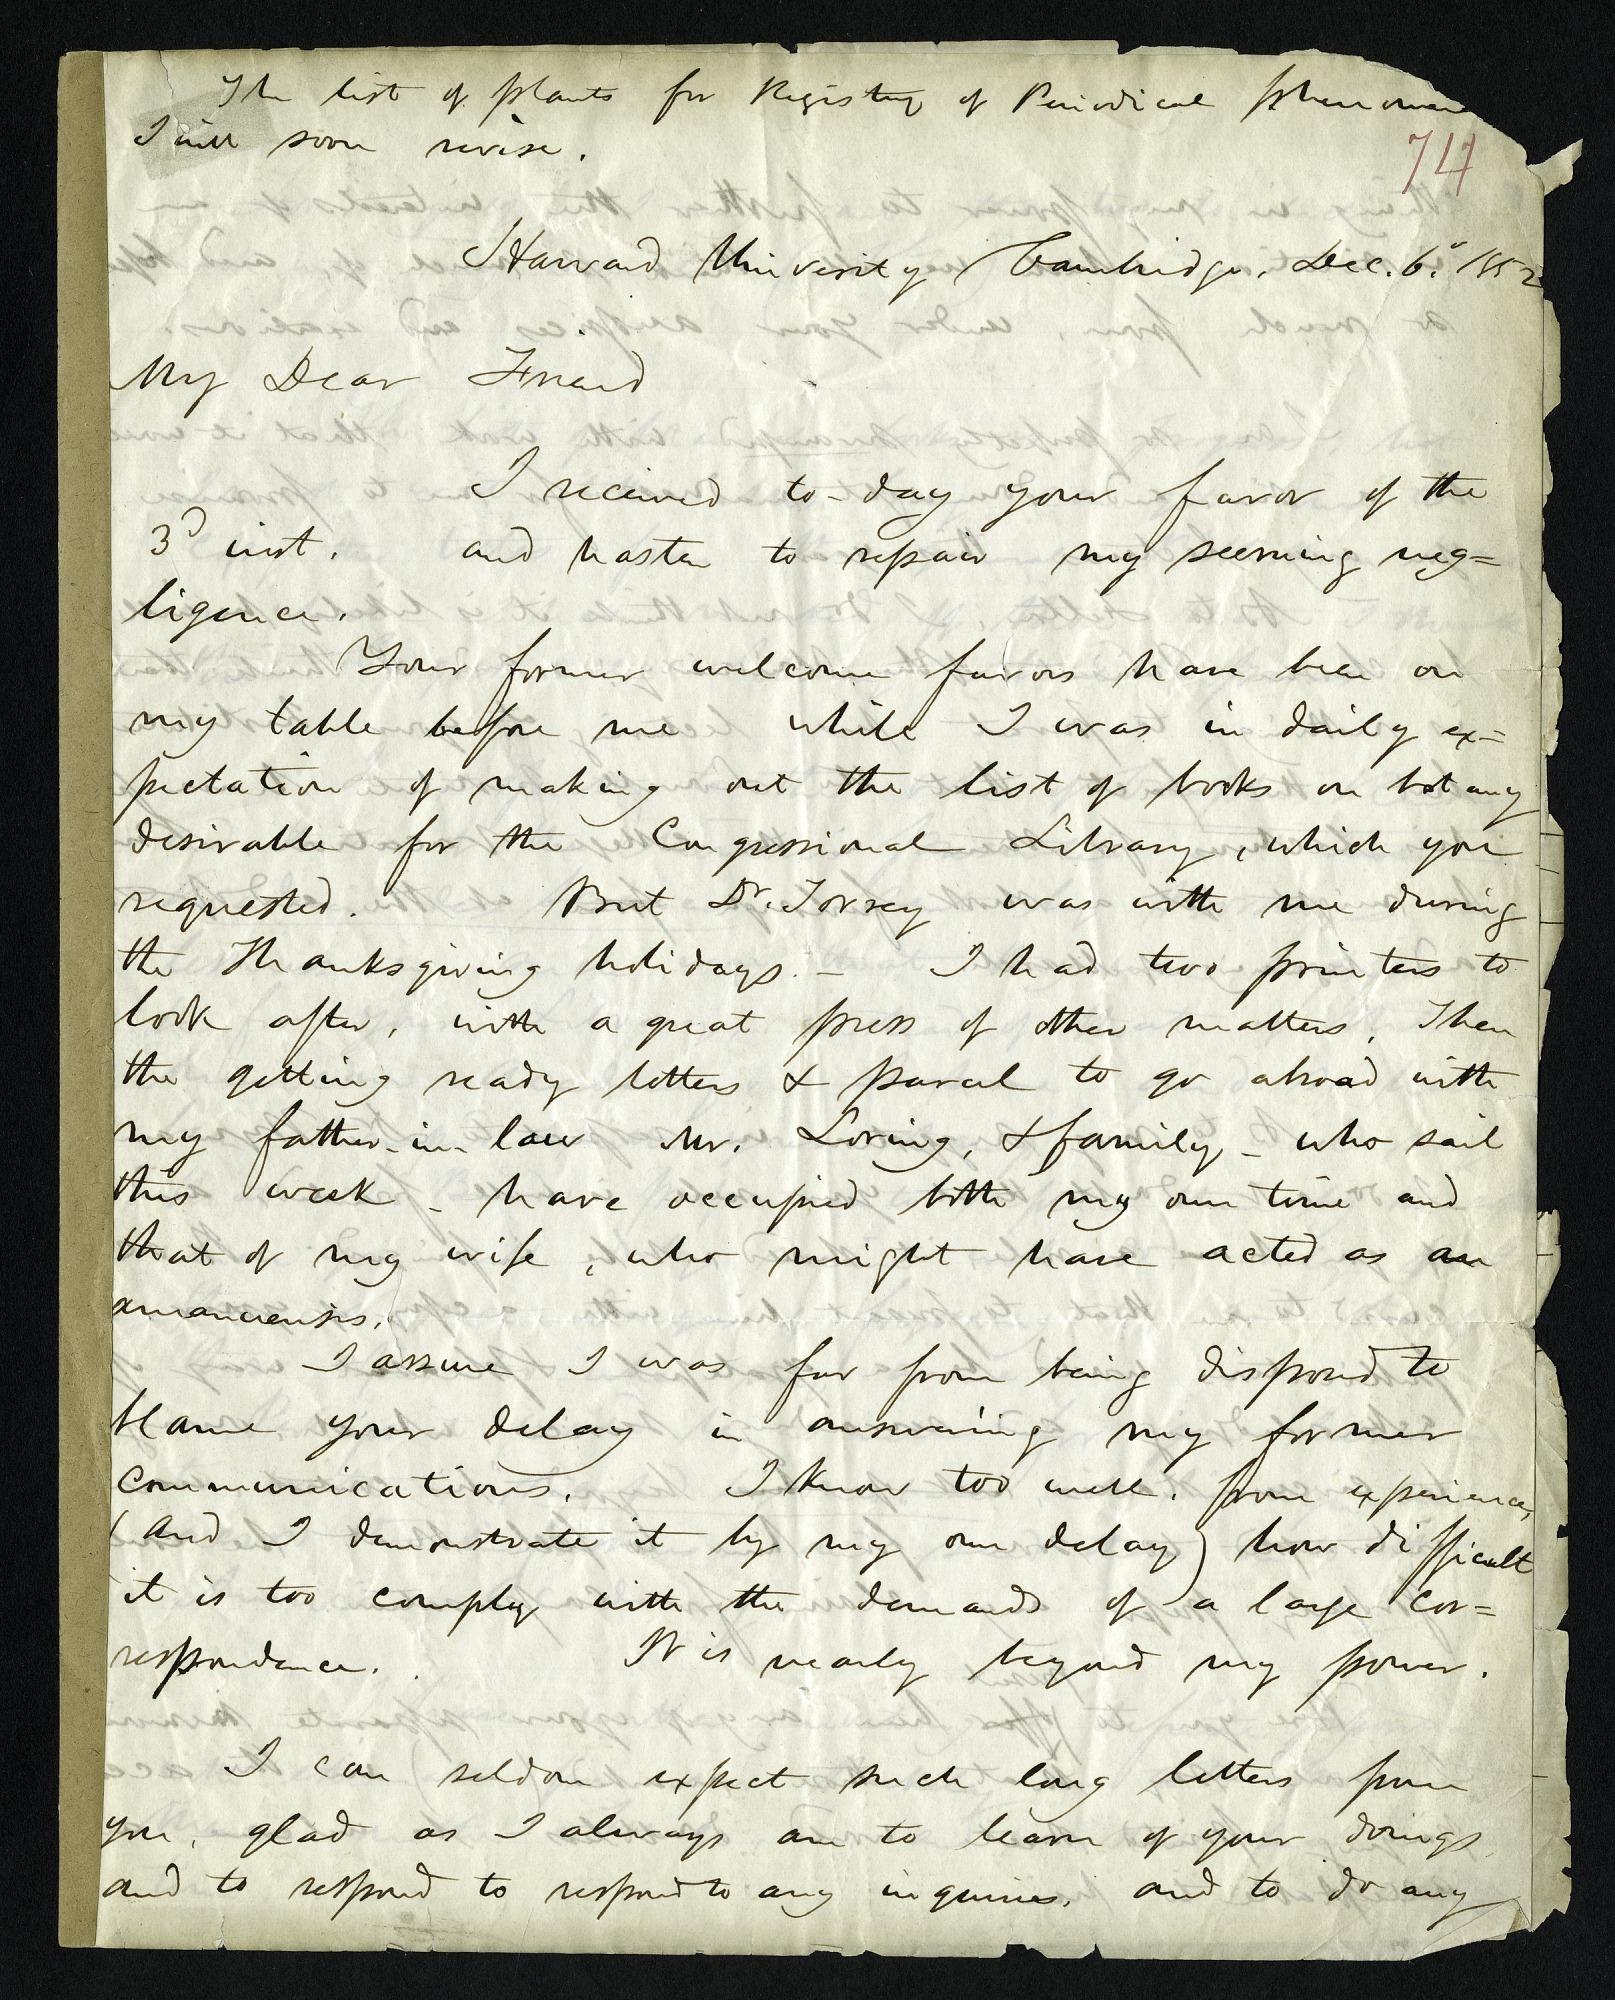 Asa Gray's Letter to Joseph Henry (December 6, 1852)